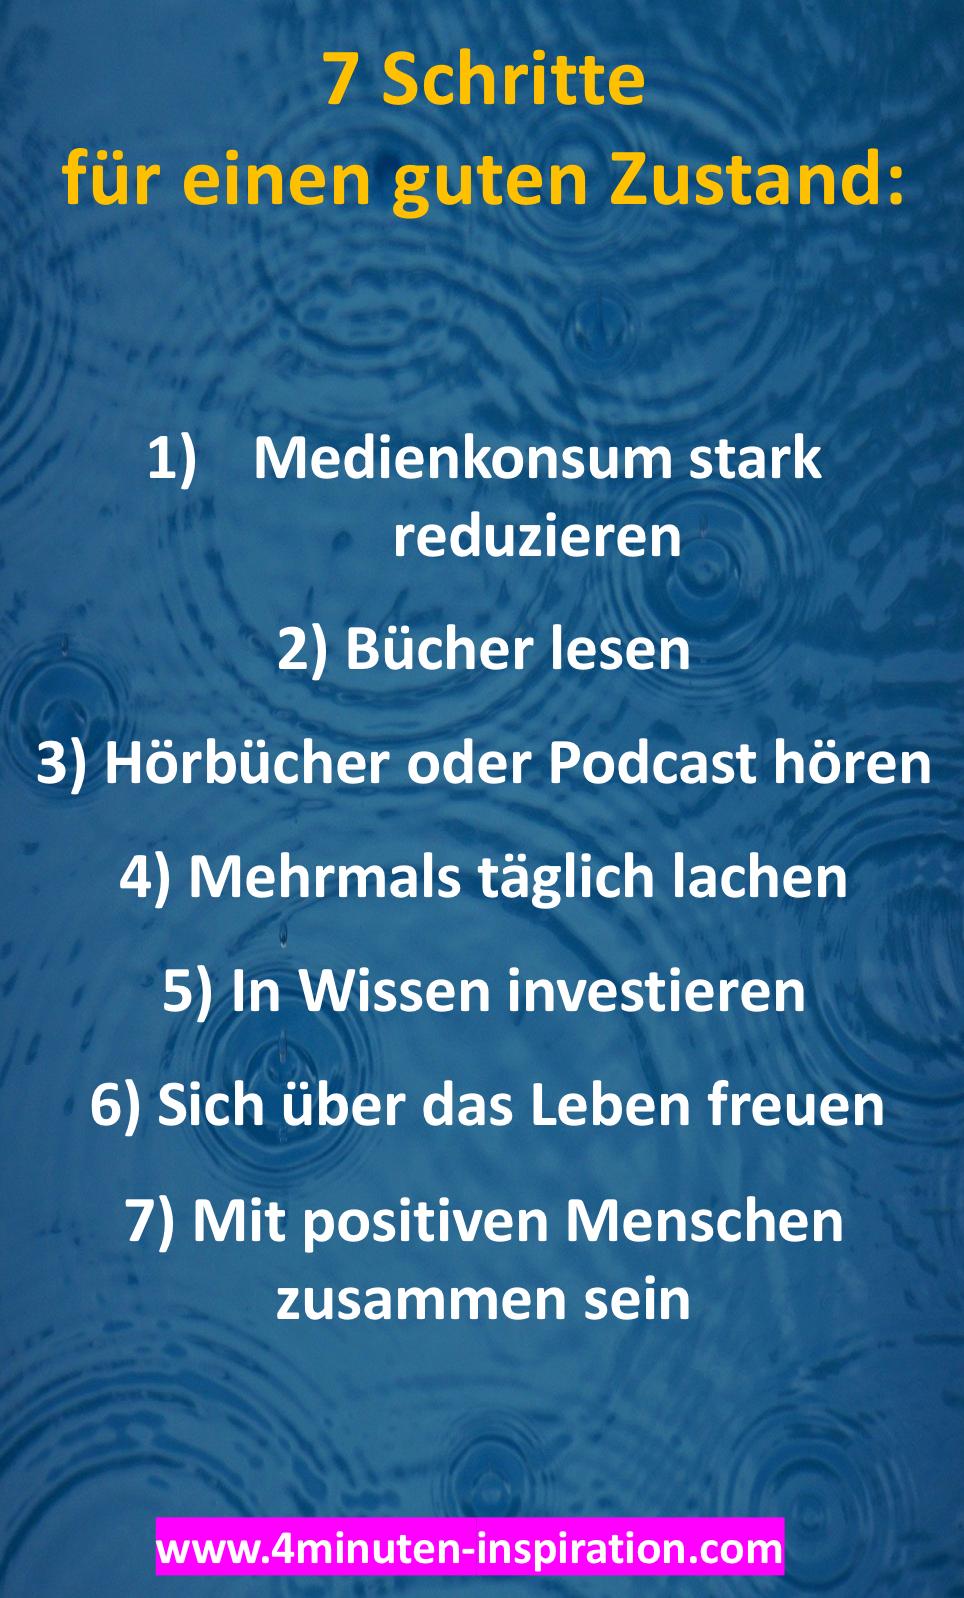 7 Schritte Fur Einen Guten Zustand Zitat Des Tages Gute Gedanken Motivation